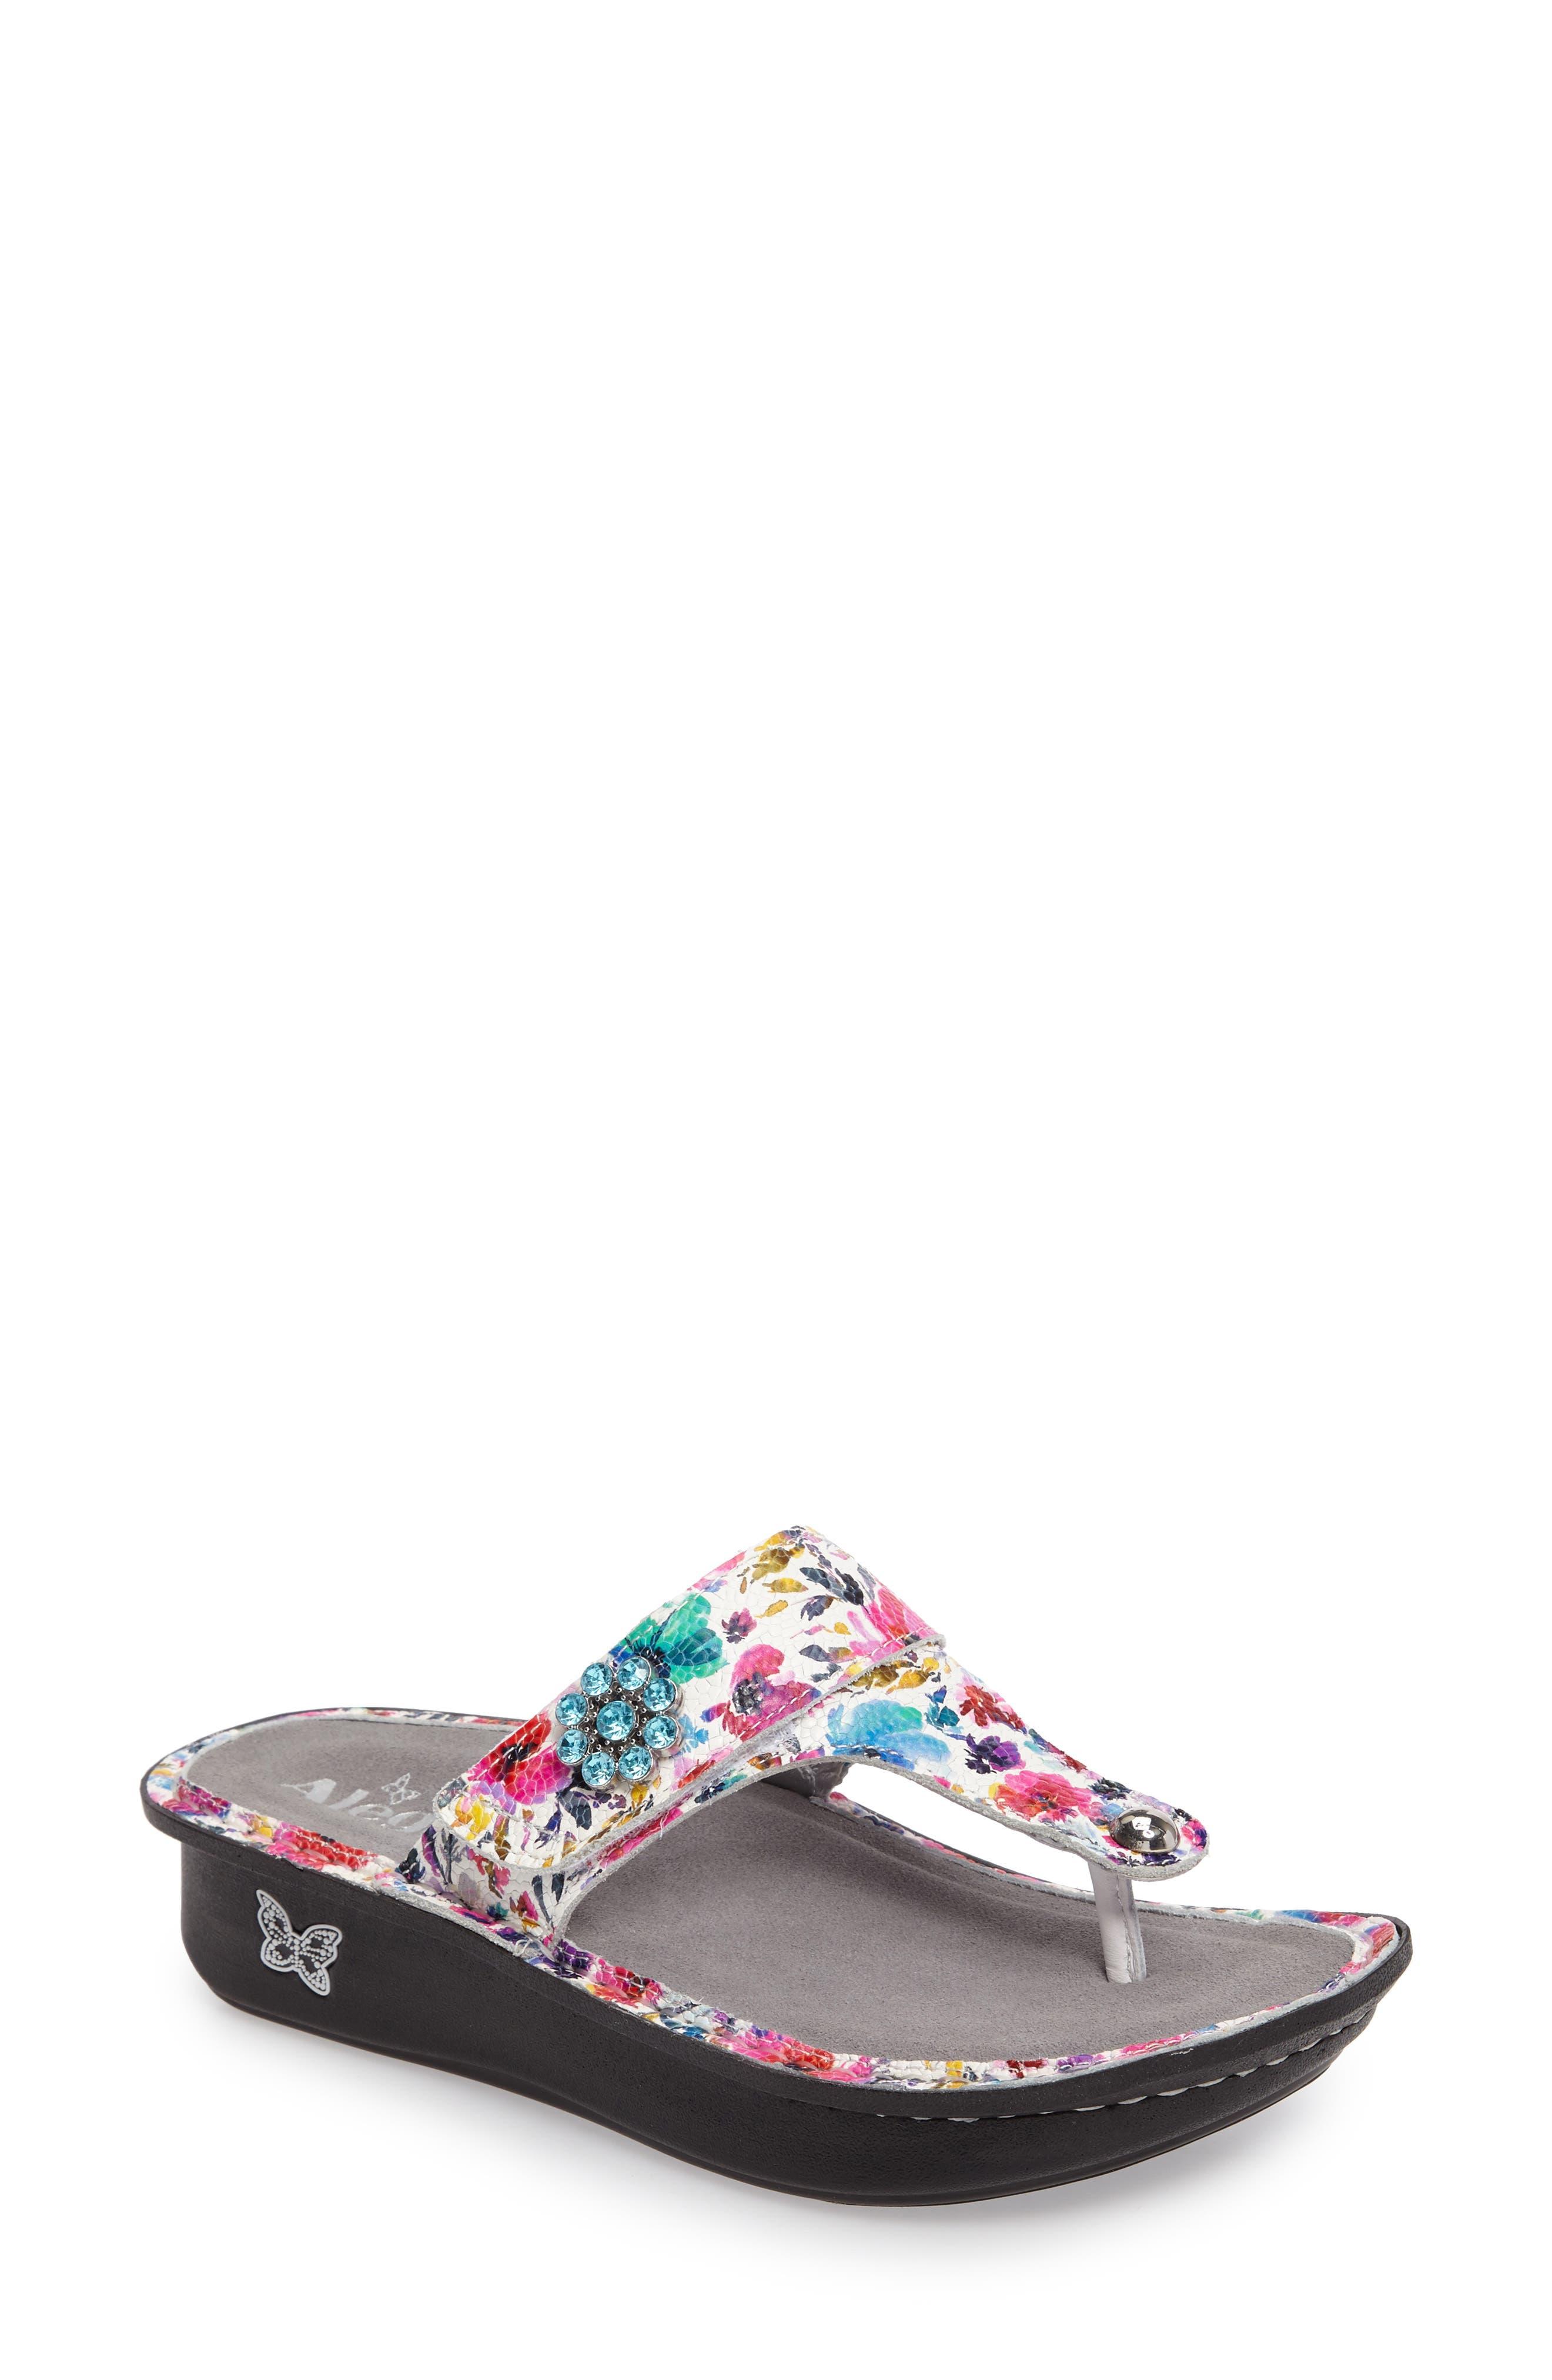 ALEGRIA 'Carina' Sandal